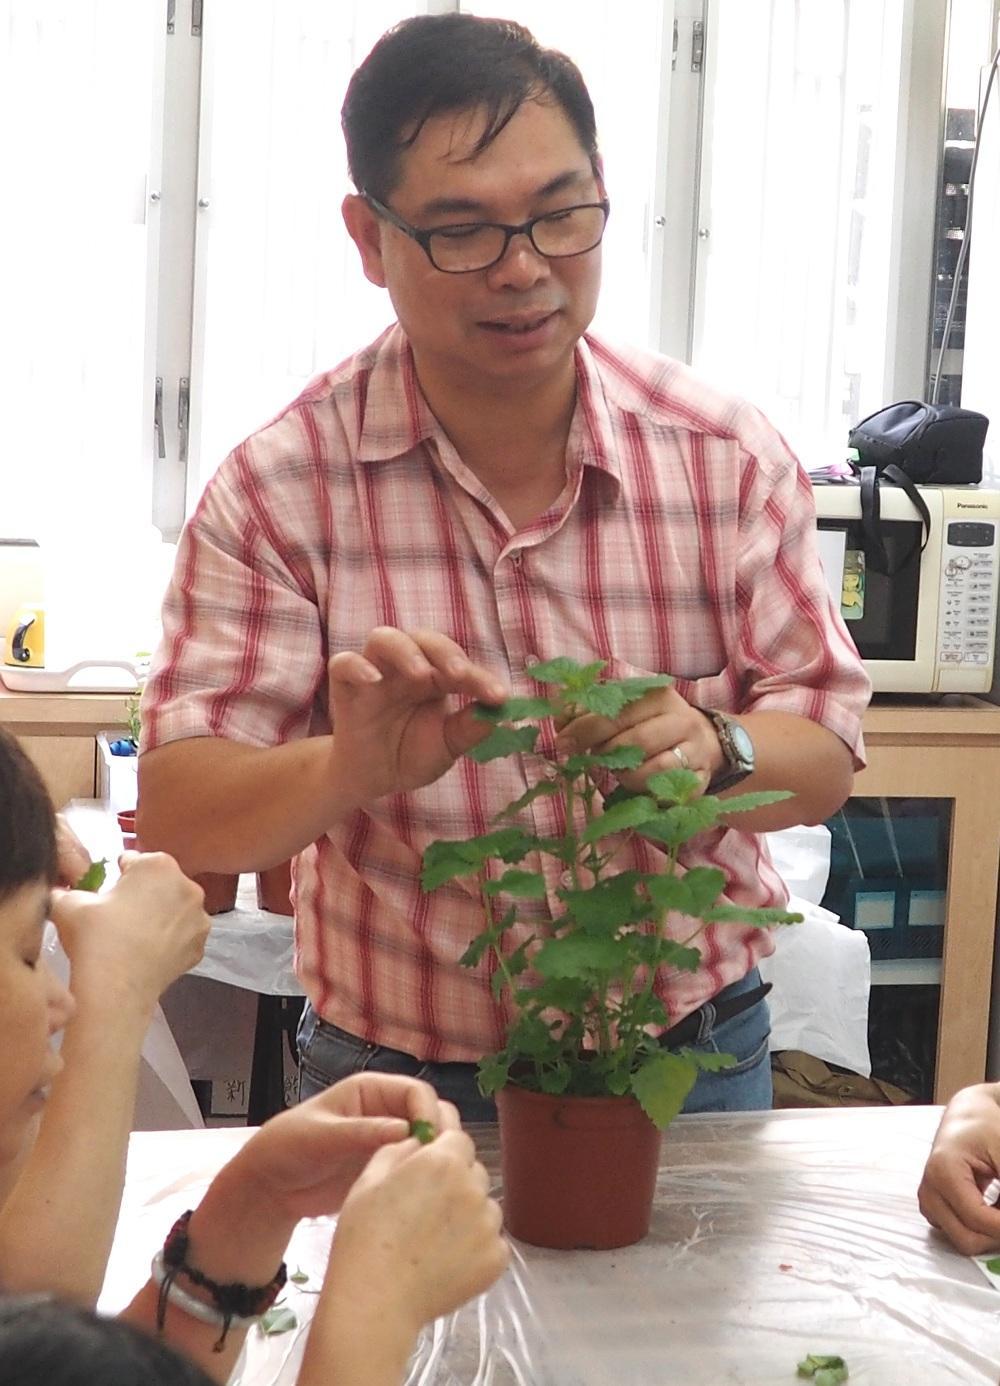 註冊園藝治療師鍾富華(圖由受訪者提供)